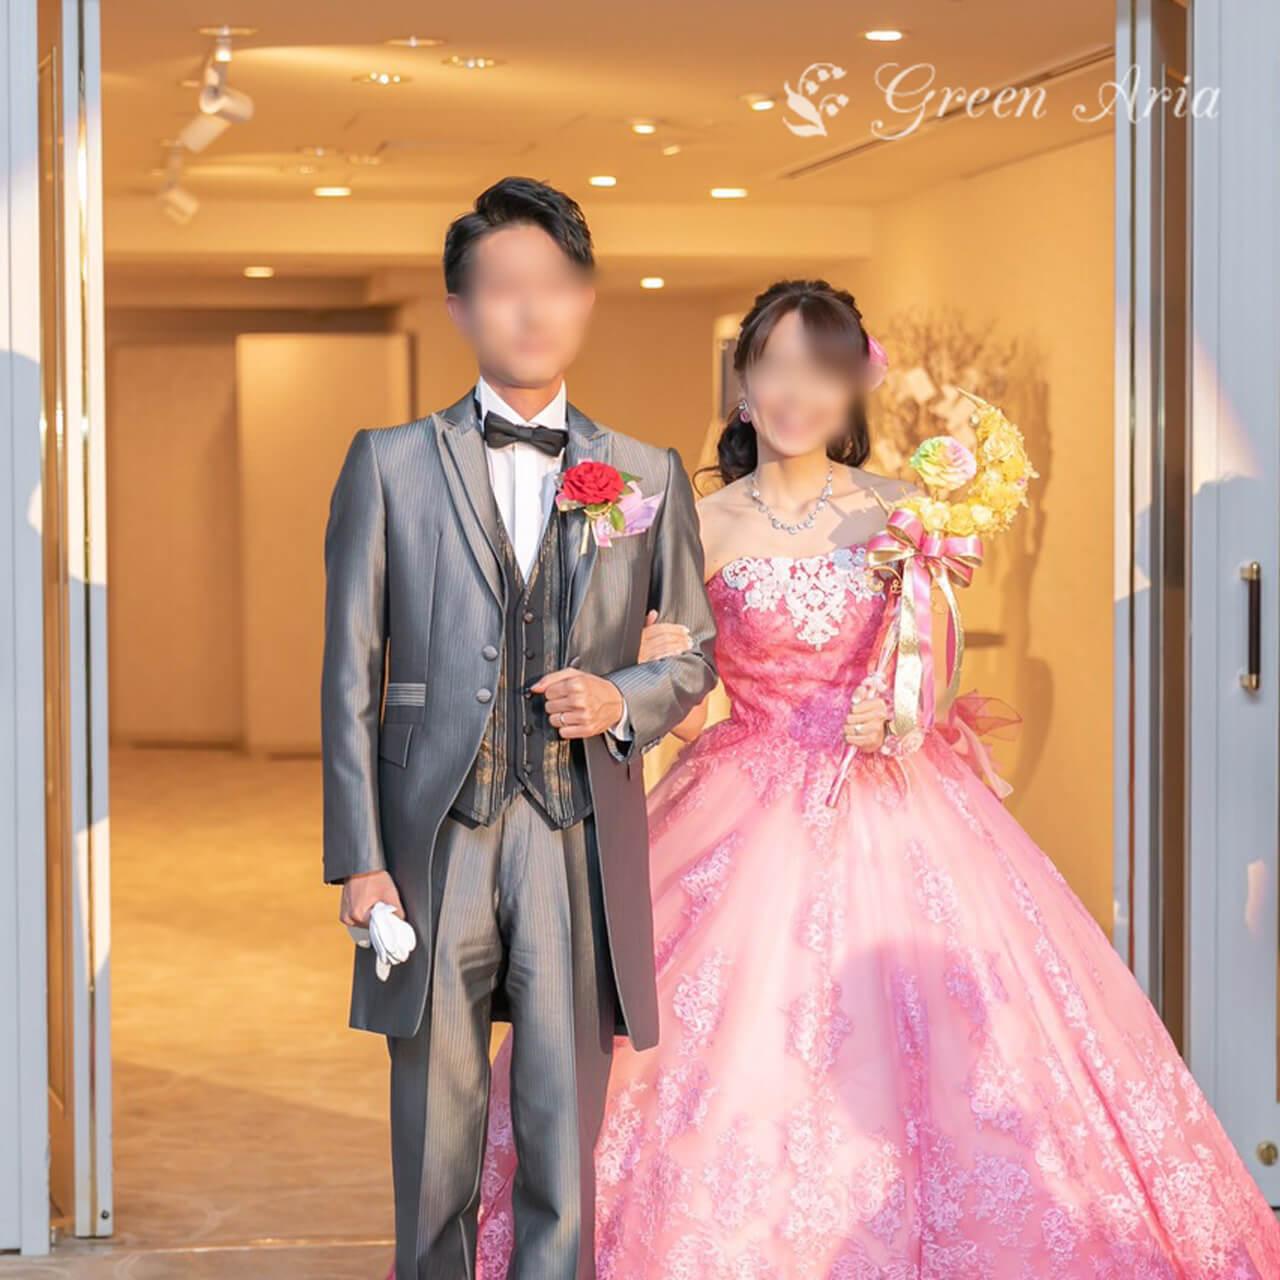 グレーのタキシードの新郎とピンクのドレスの新婦様。新婦様は、イエローの三日月の中にレインボーローズが浮かんだスティックブーケを持っている。披露宴の再入場の場面。